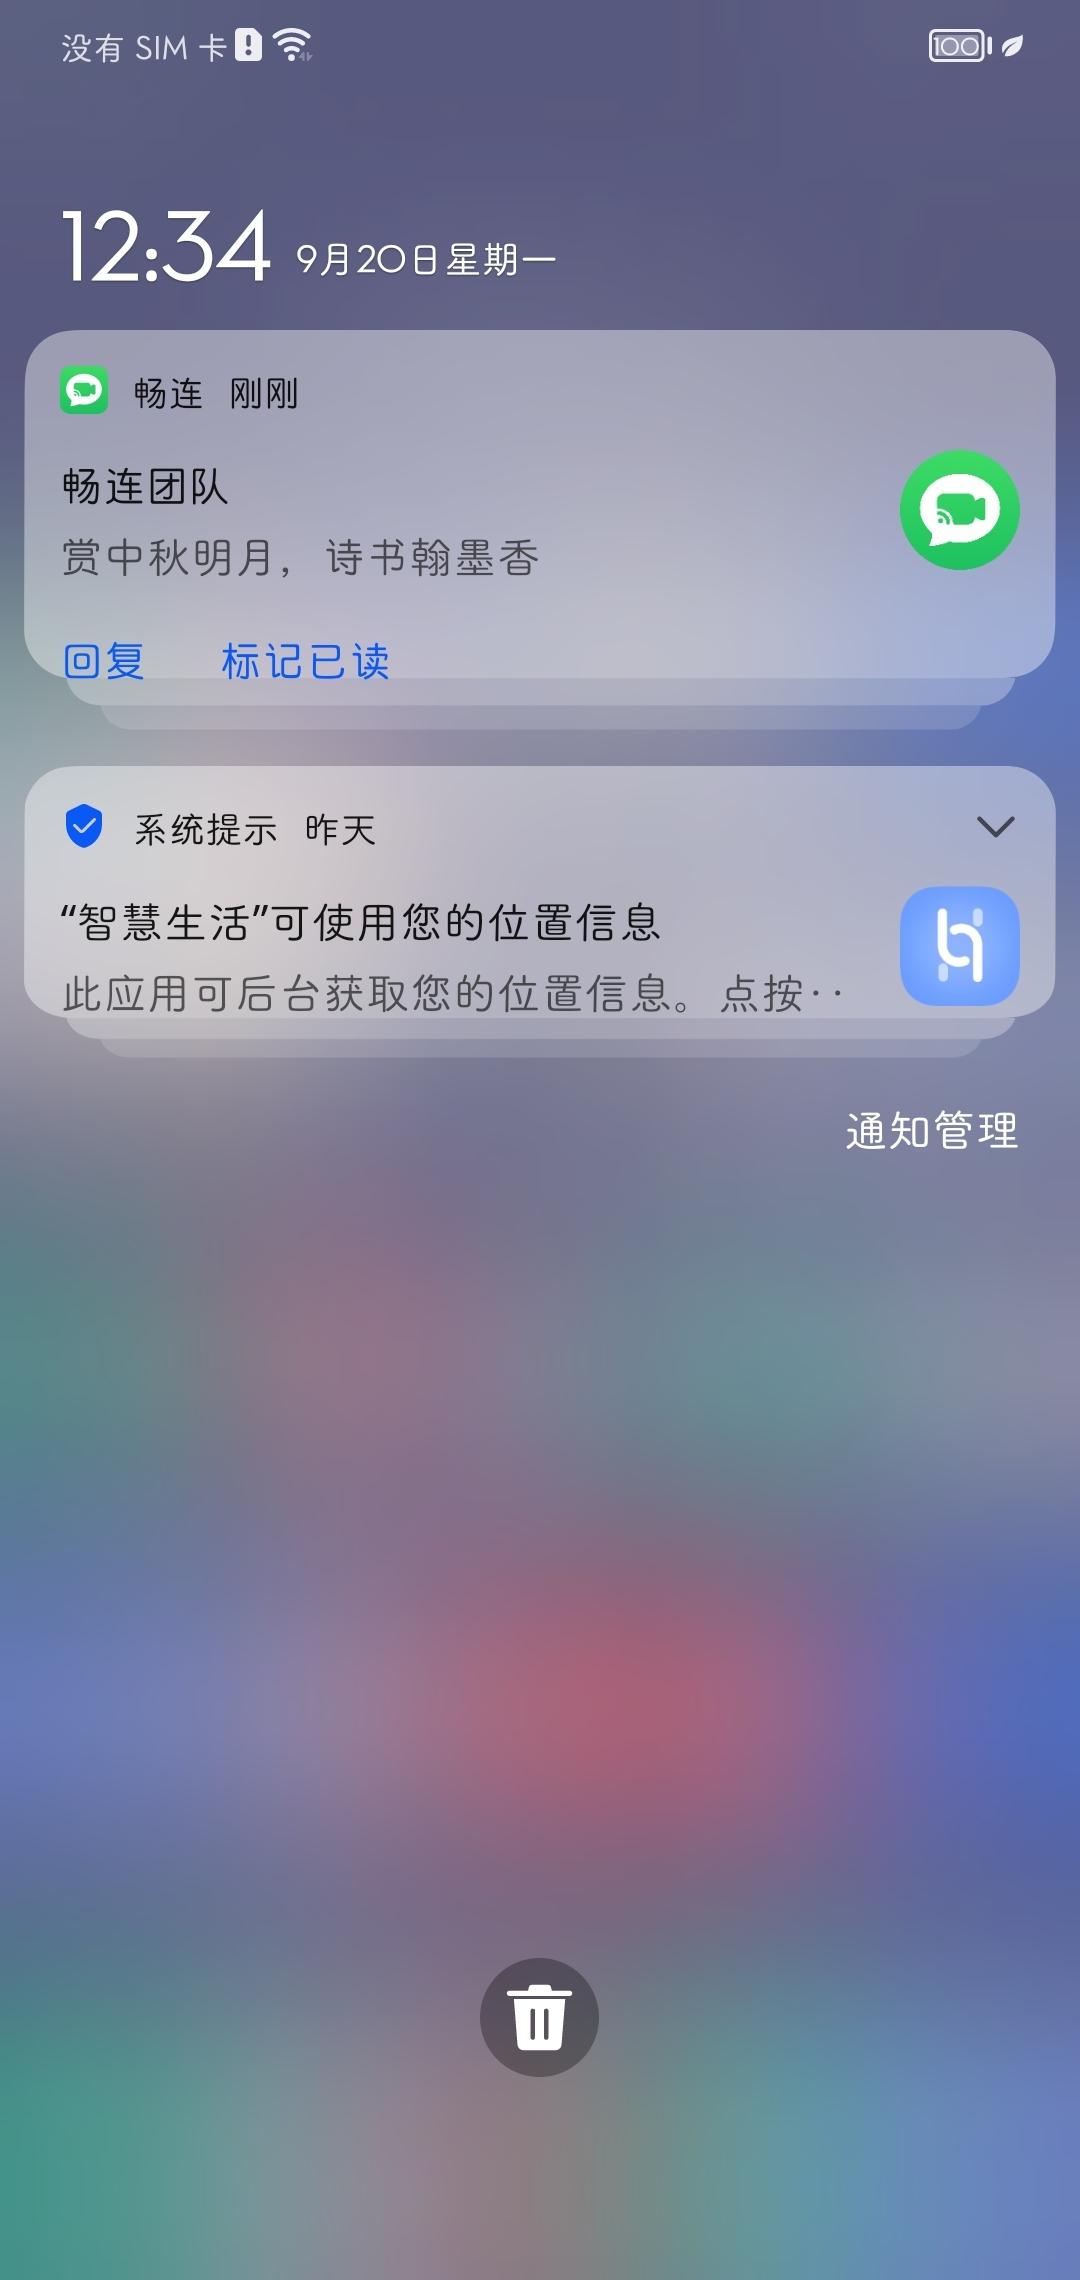 Screenshot_20210920_123415_com.huawei.android.launcher.jpg